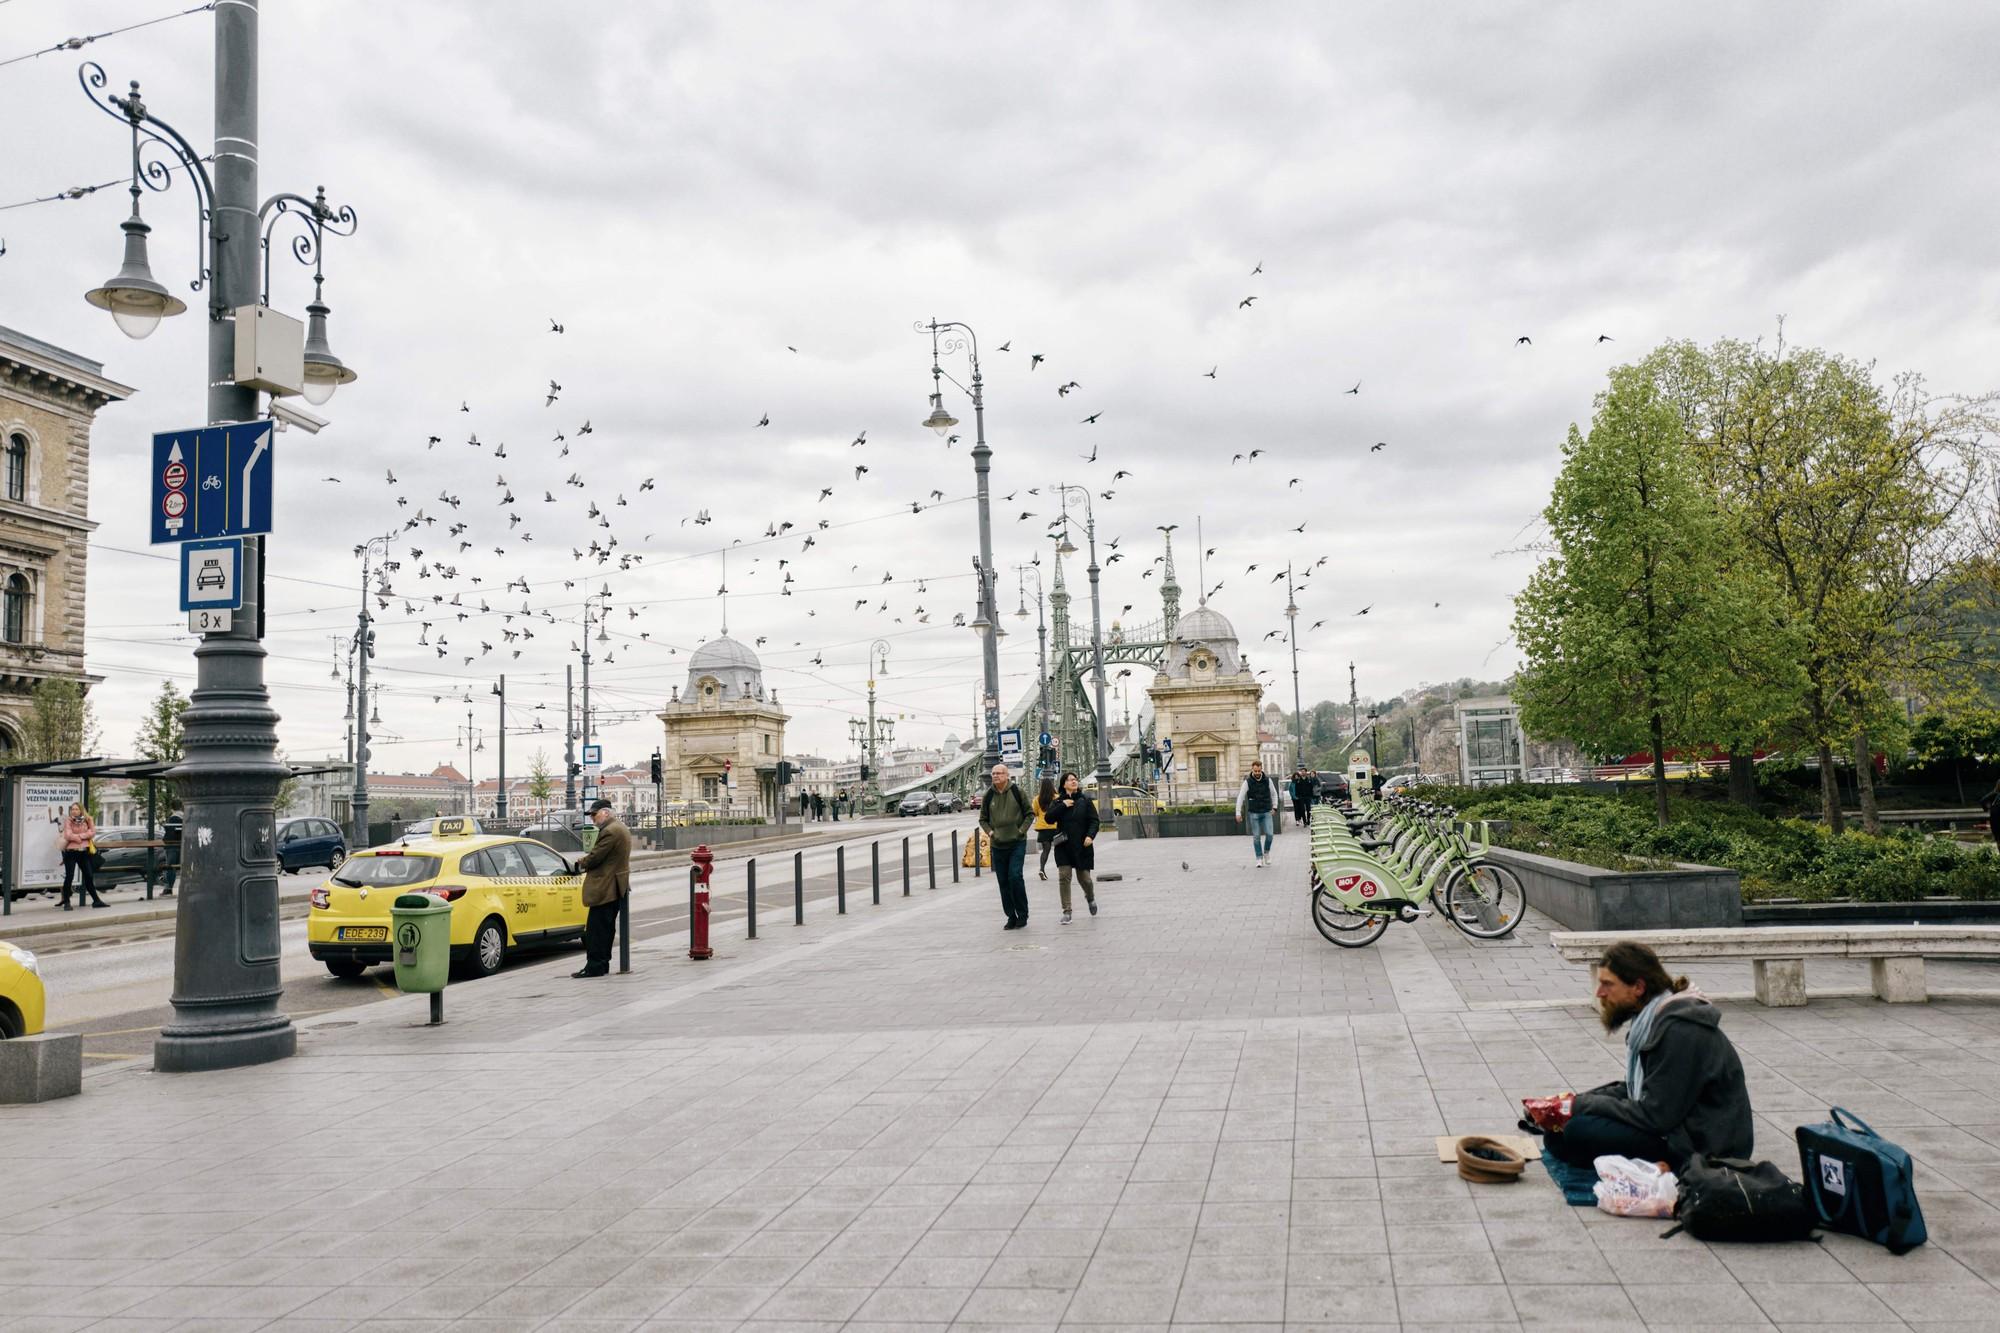 Theo chân anh bạn điển trai người Việt khám phá Budapest - thủ đô nổi tiếng đẹp như phim điện ảnh của Hungary - Ảnh 21.